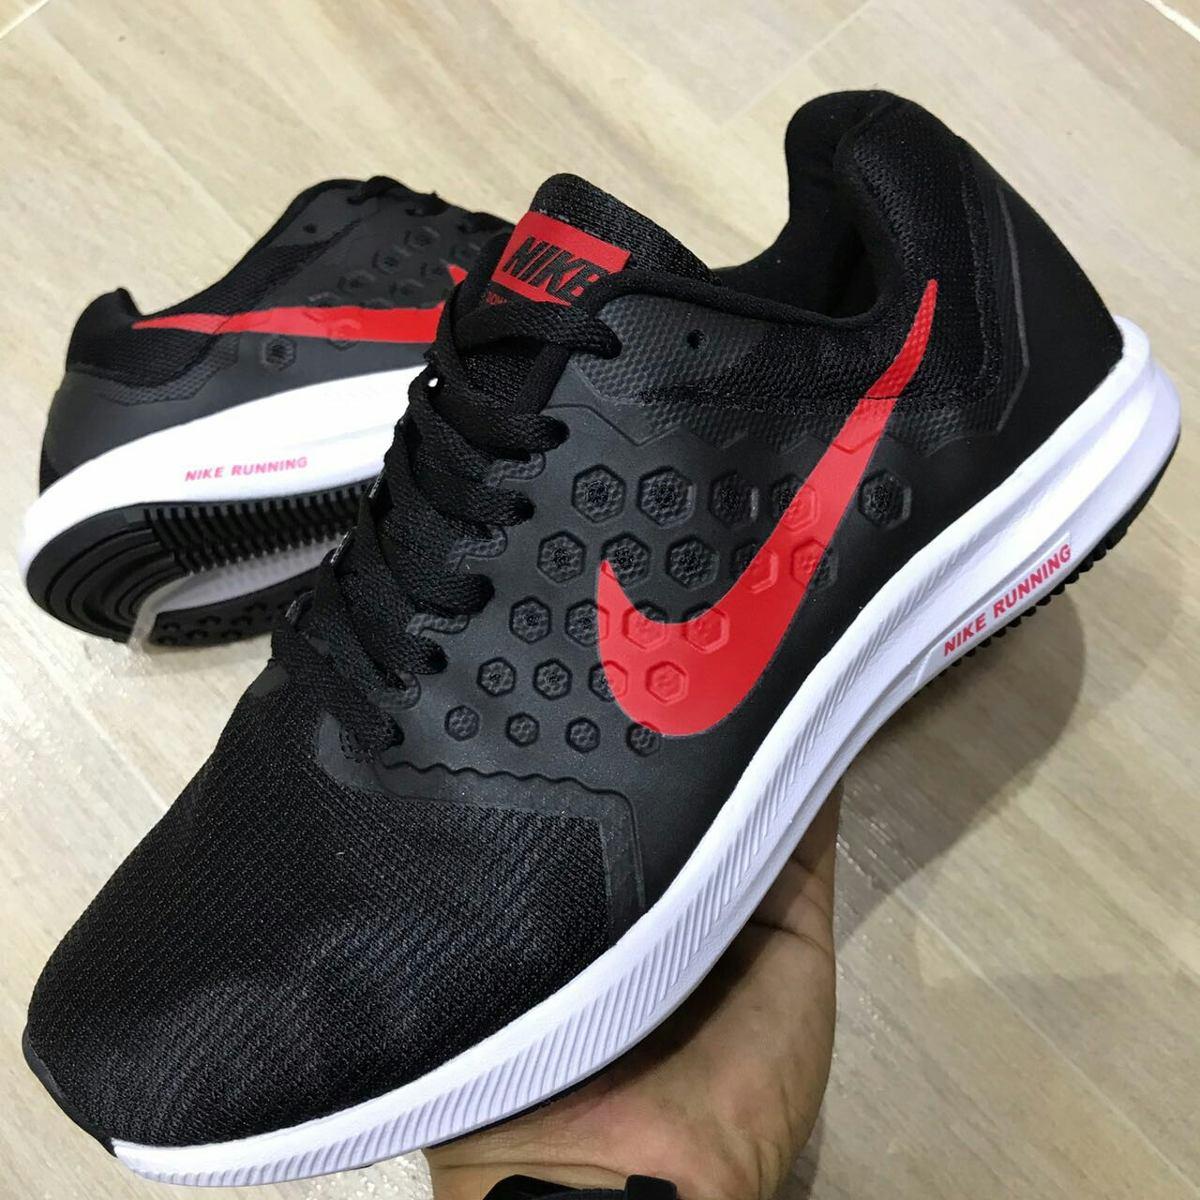 zapatillas nike running hombre 2017